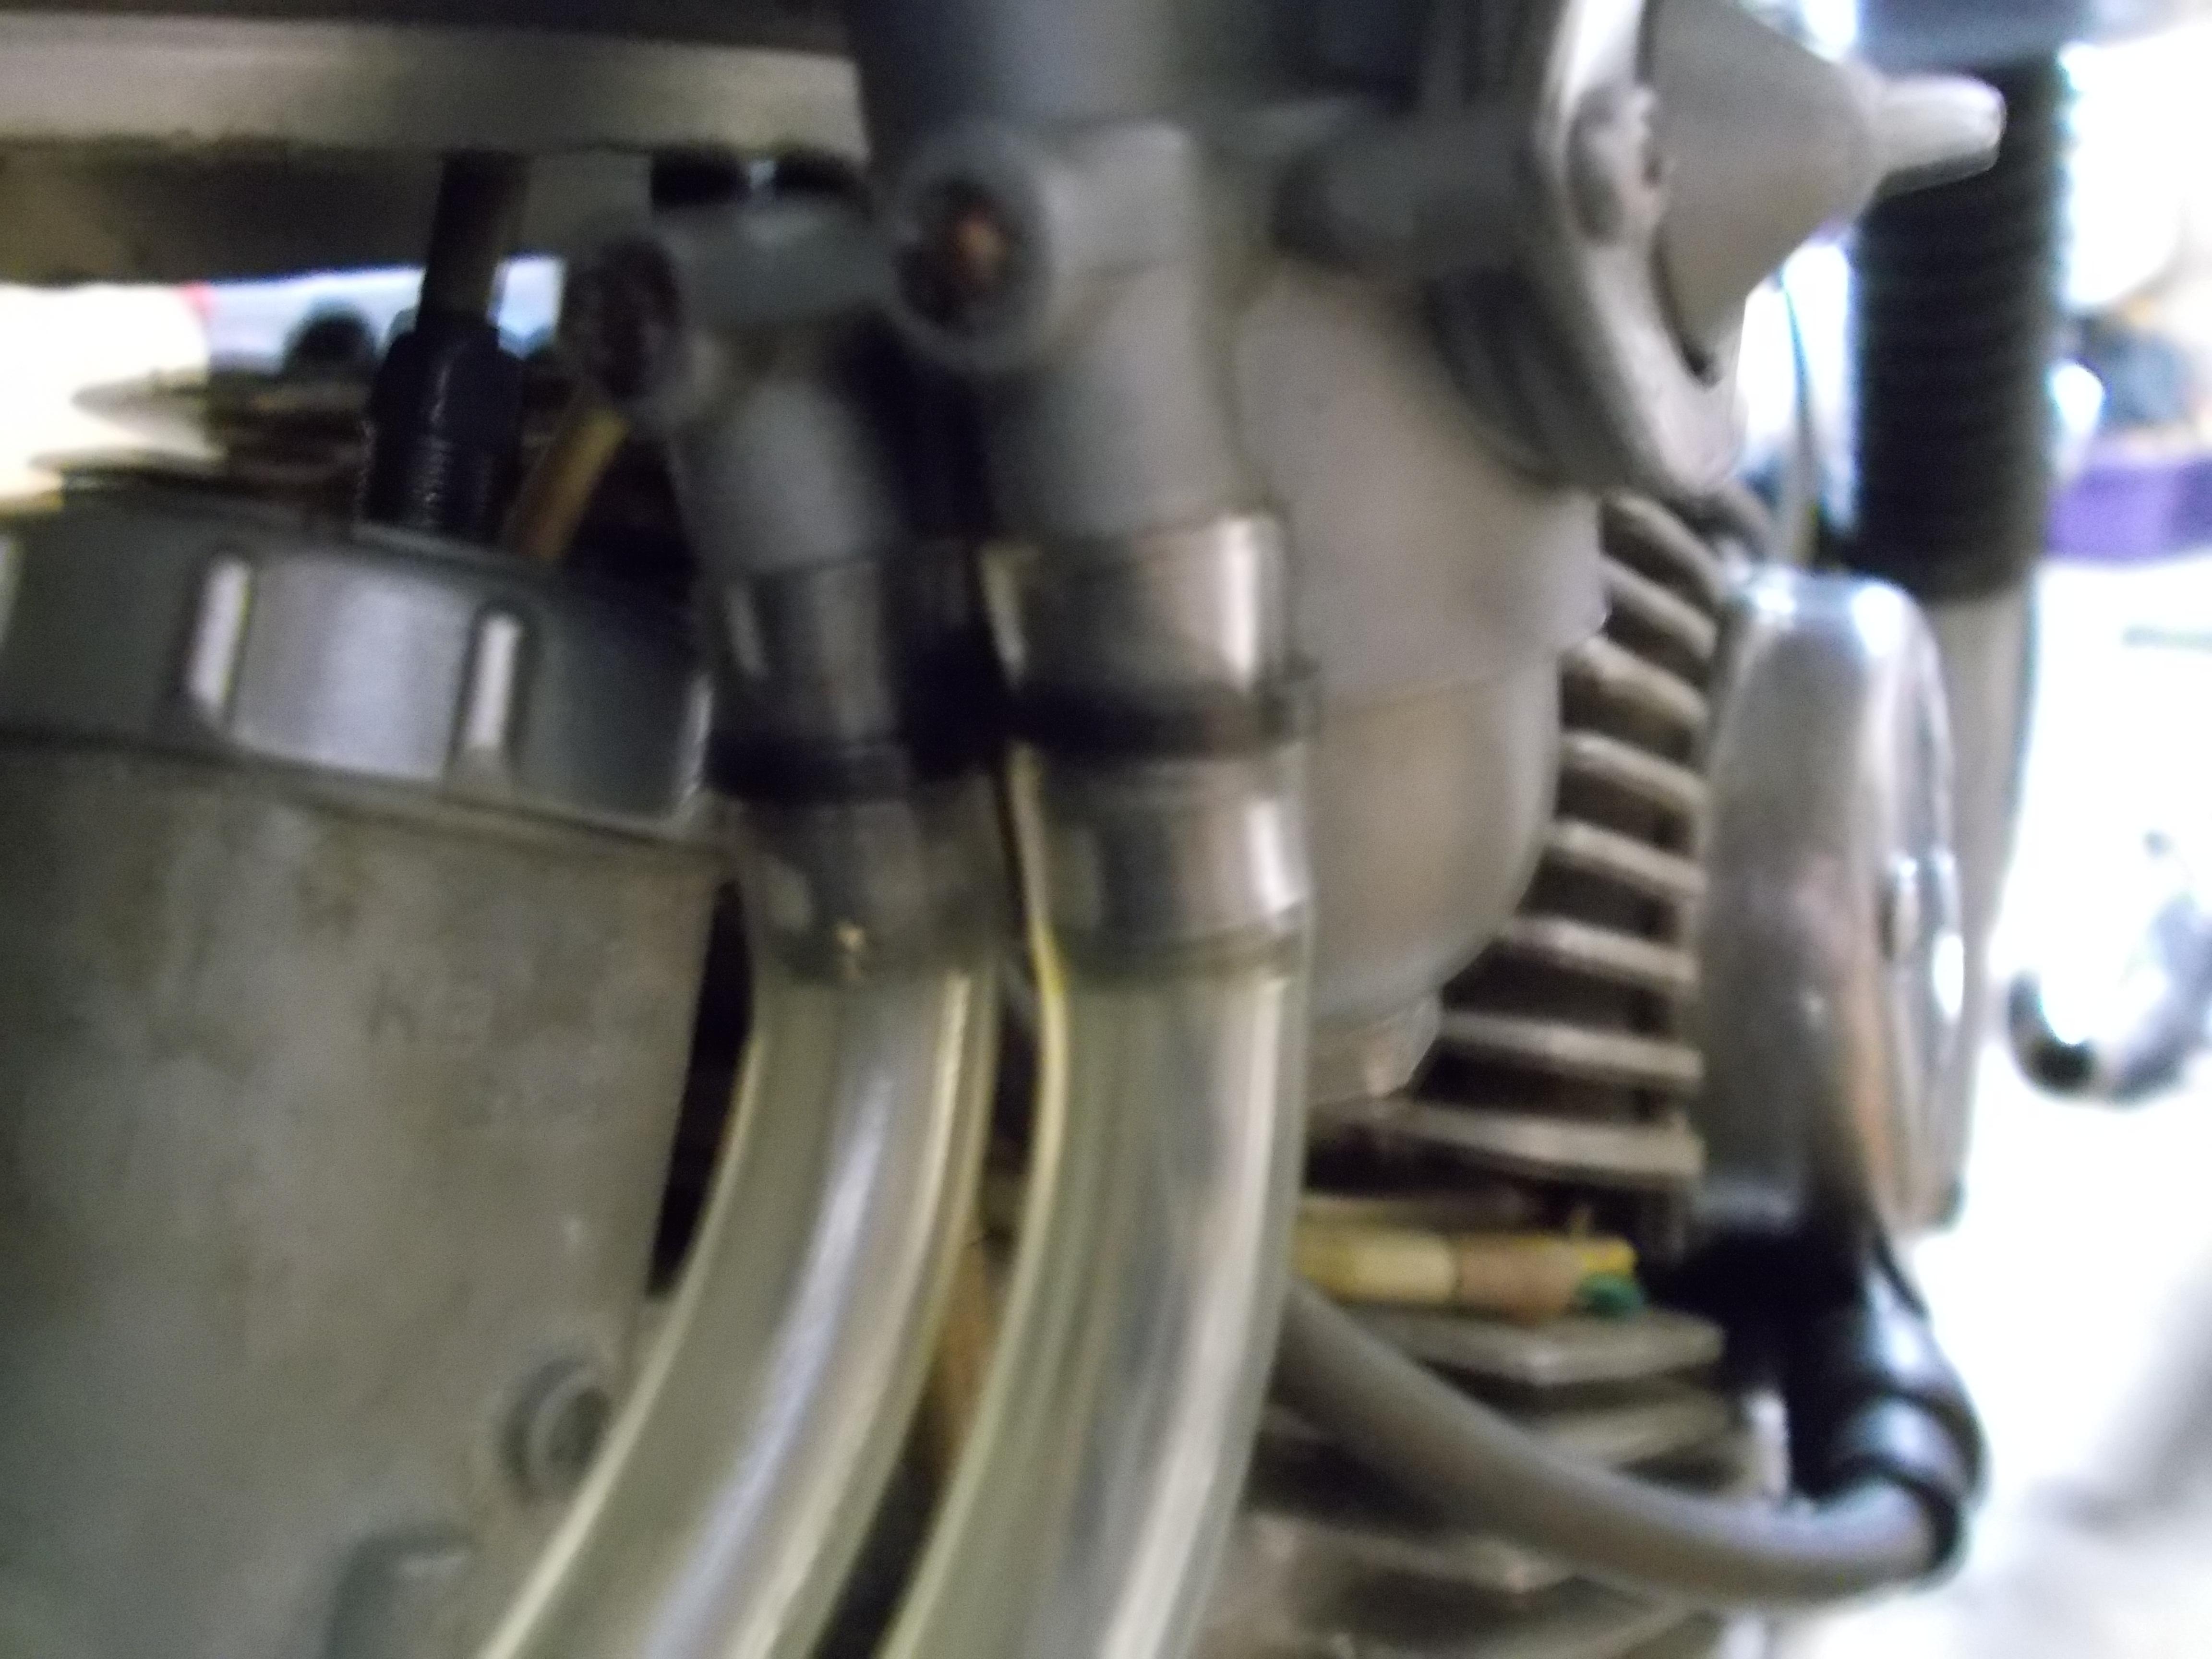 46923d1413075002 fuel line size engine 092 fuel line size